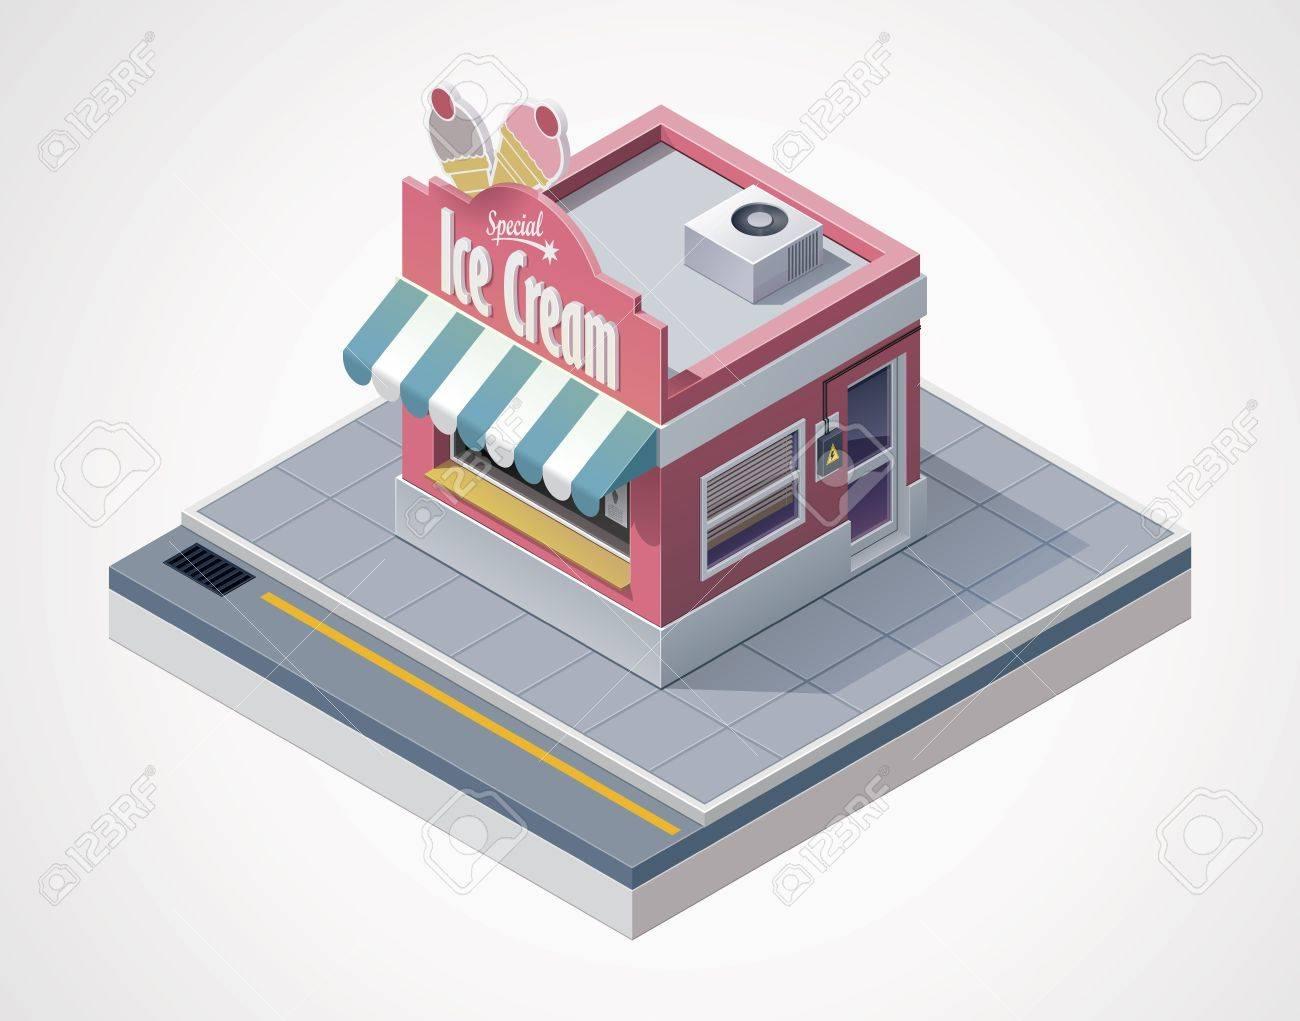 isometric ice cream store Stock Vector - 14566611